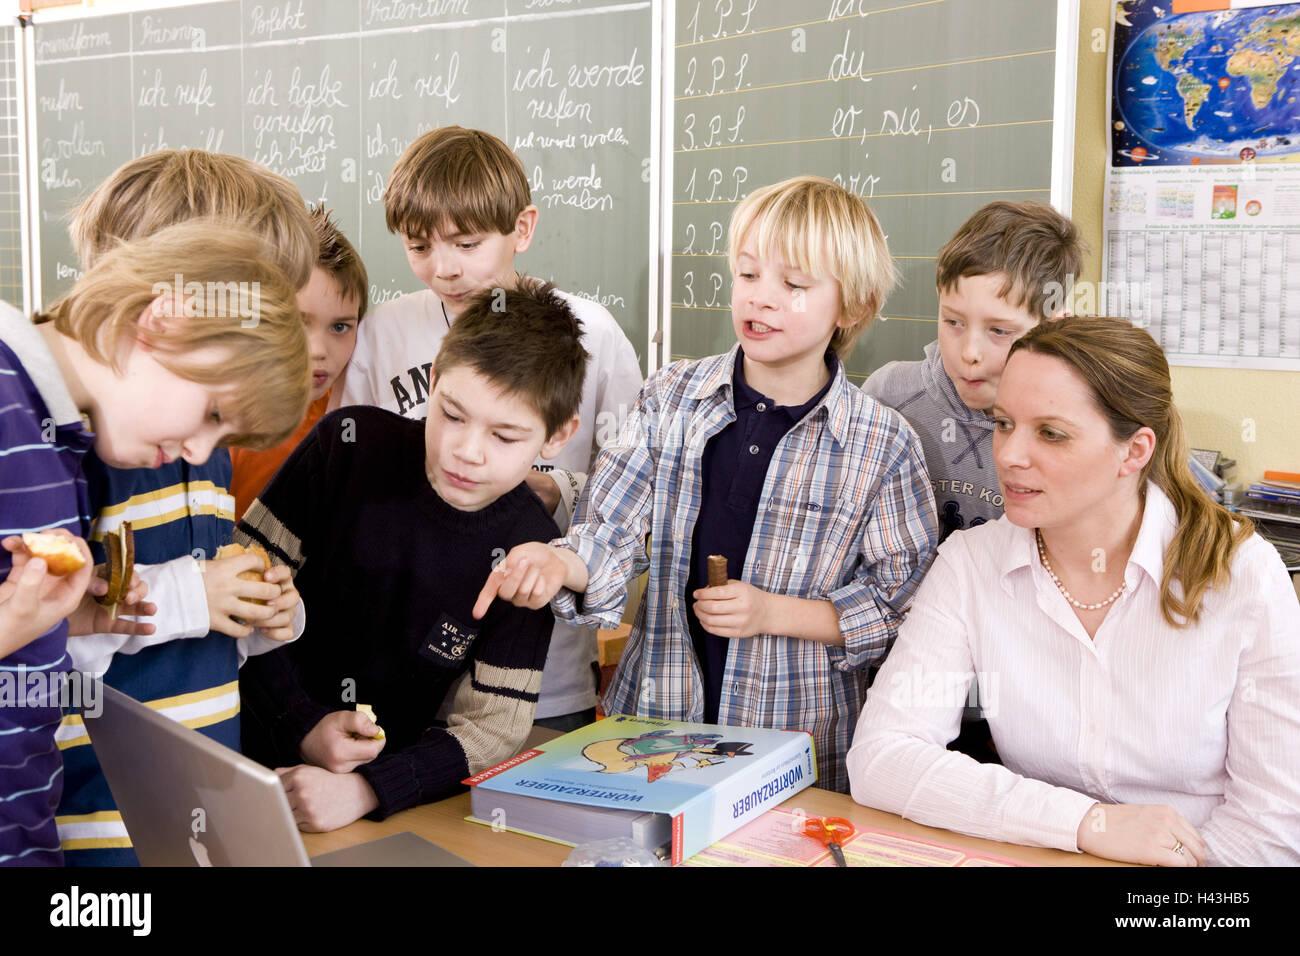 Aula, maestro, estudiante, descanso, entretenimiento, Imagen De Stock